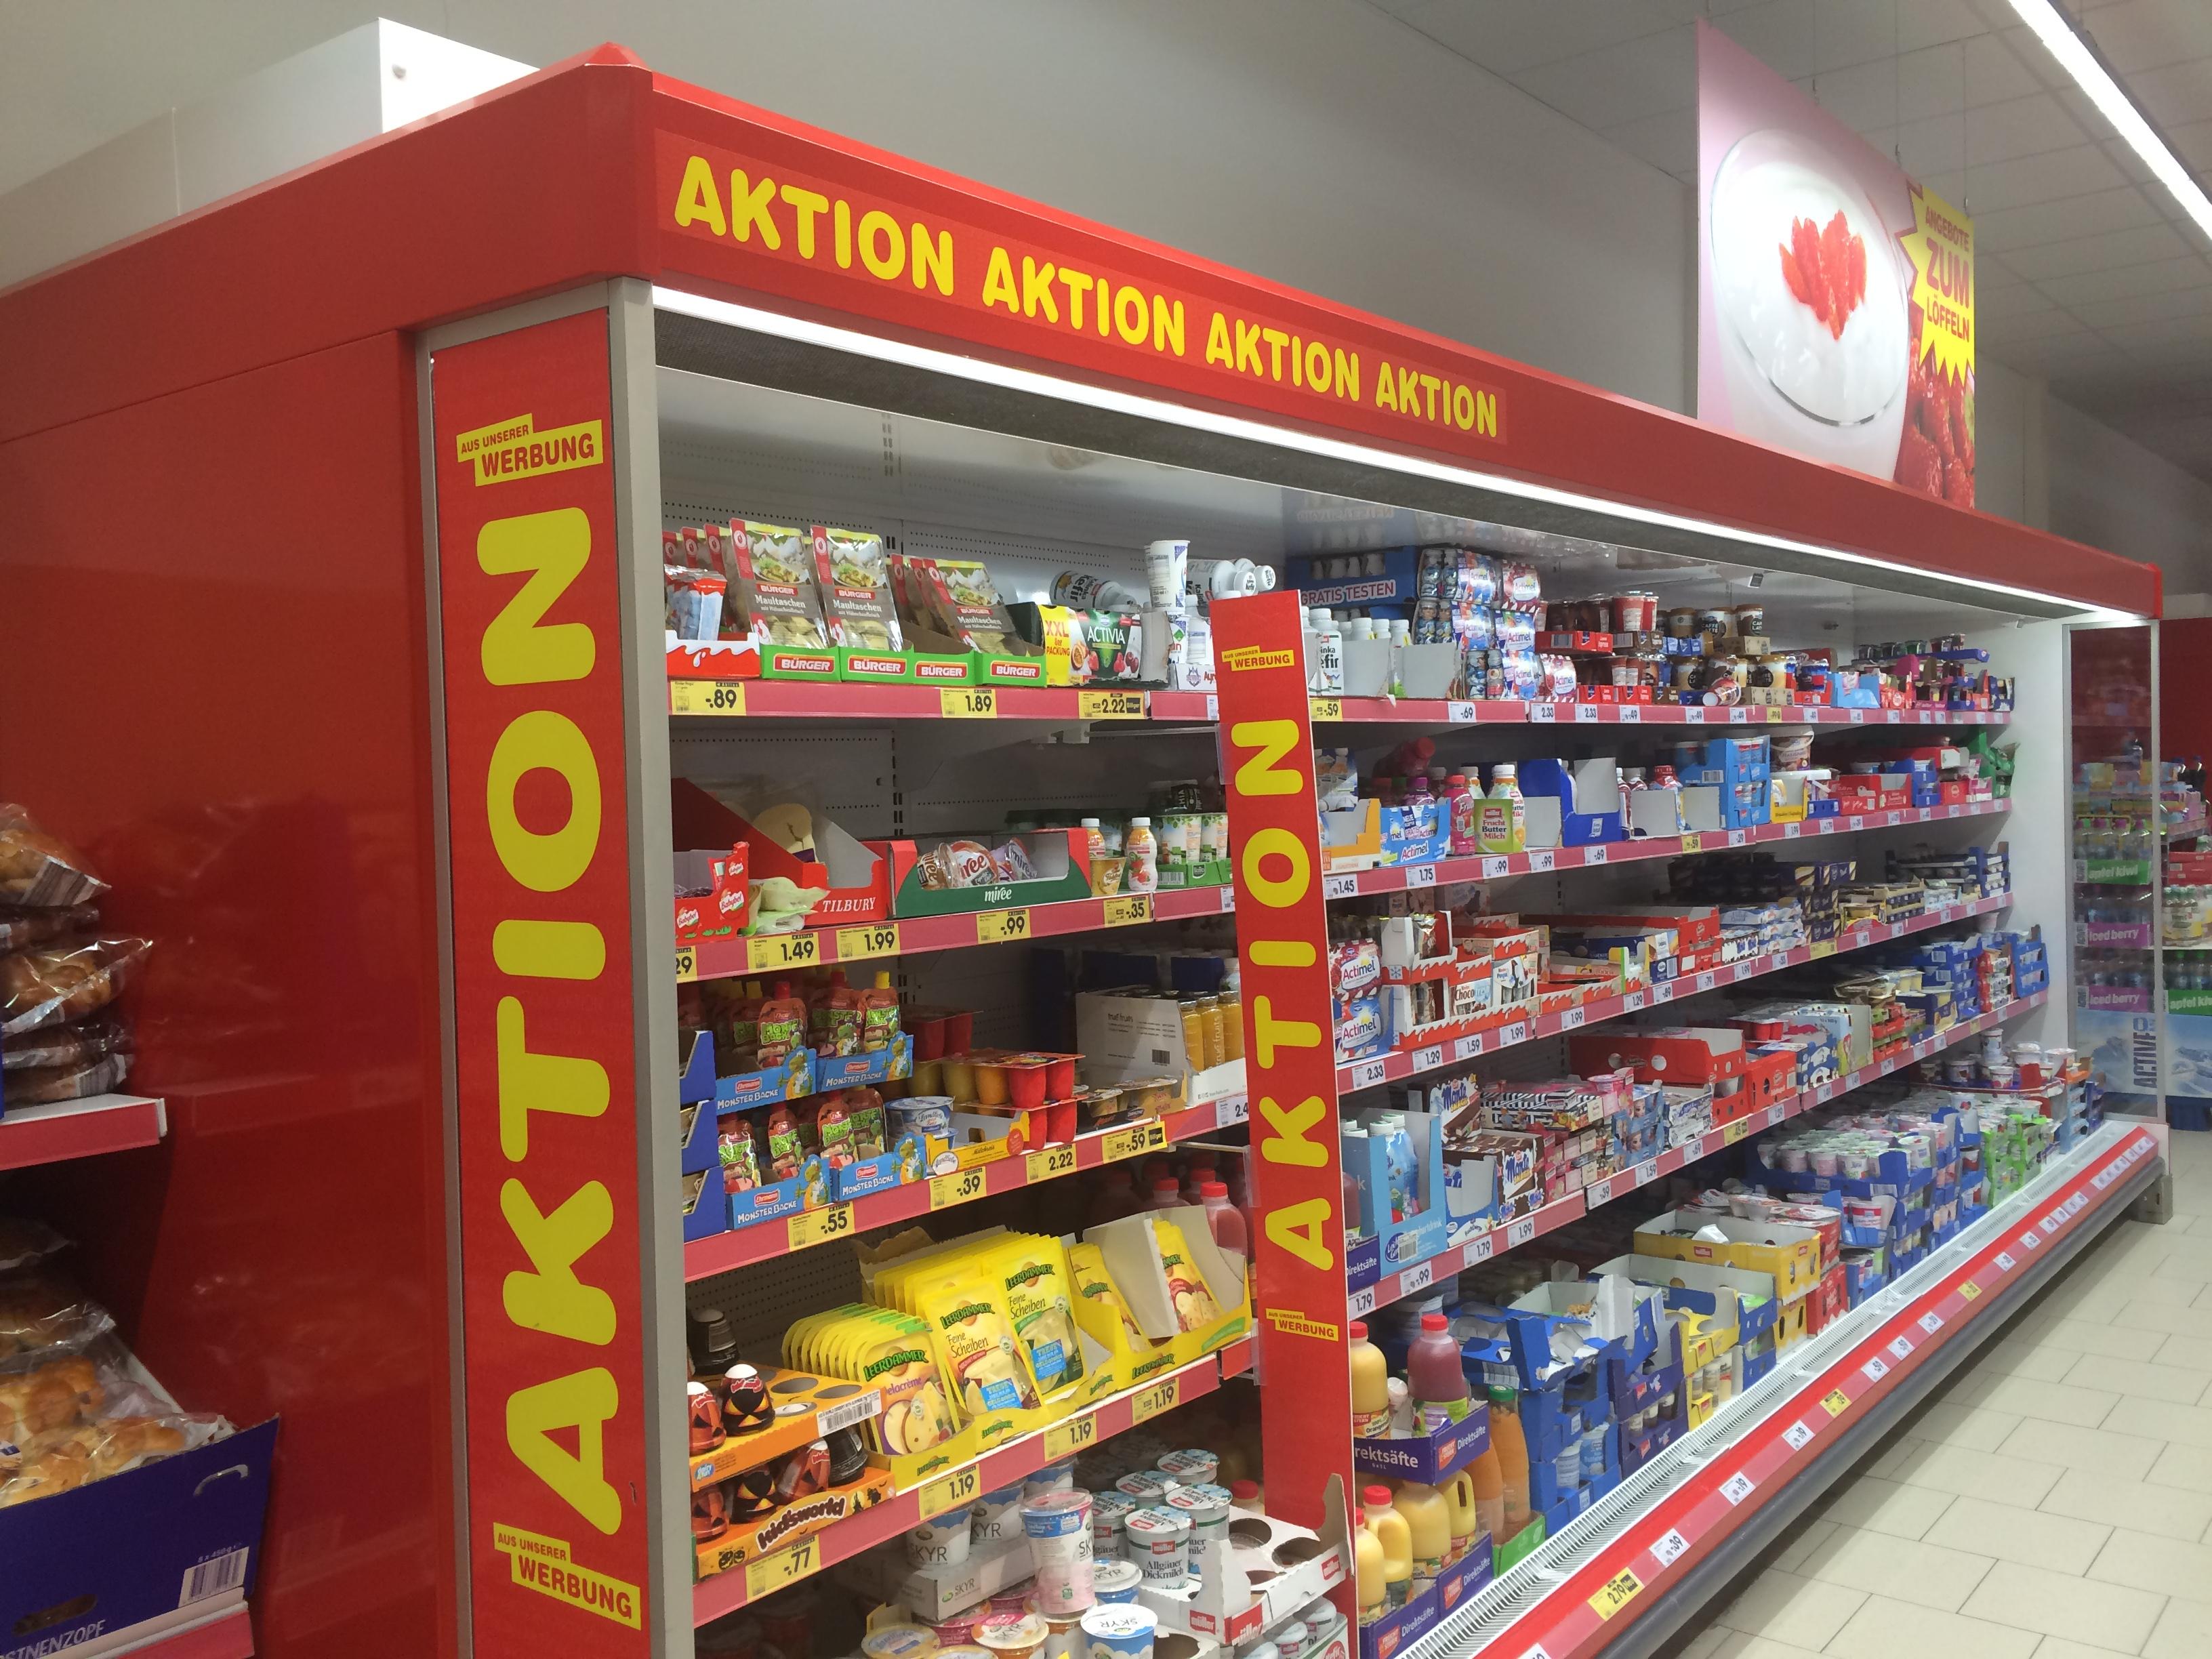 Store Check bei Netto, irgendwie ein kleines Kaufland - Supermarkt ...